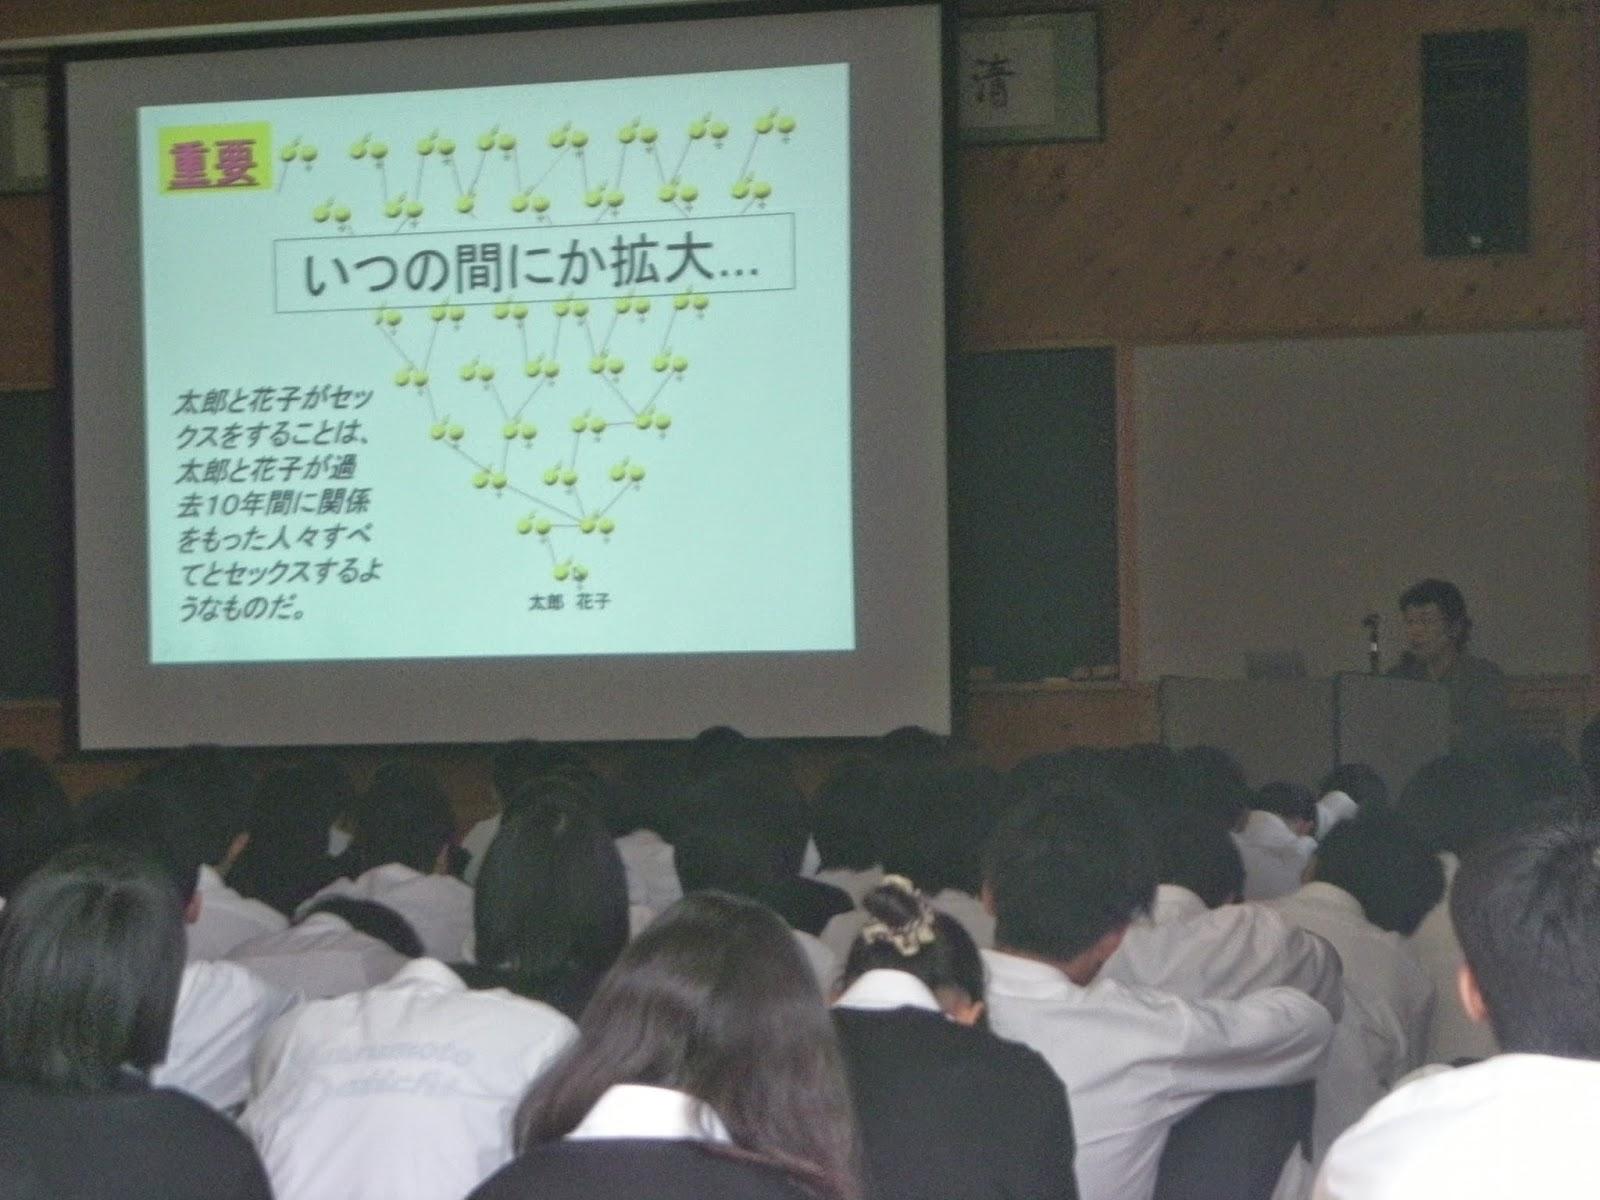 やや日刊カルト新聞: 統一教会の...